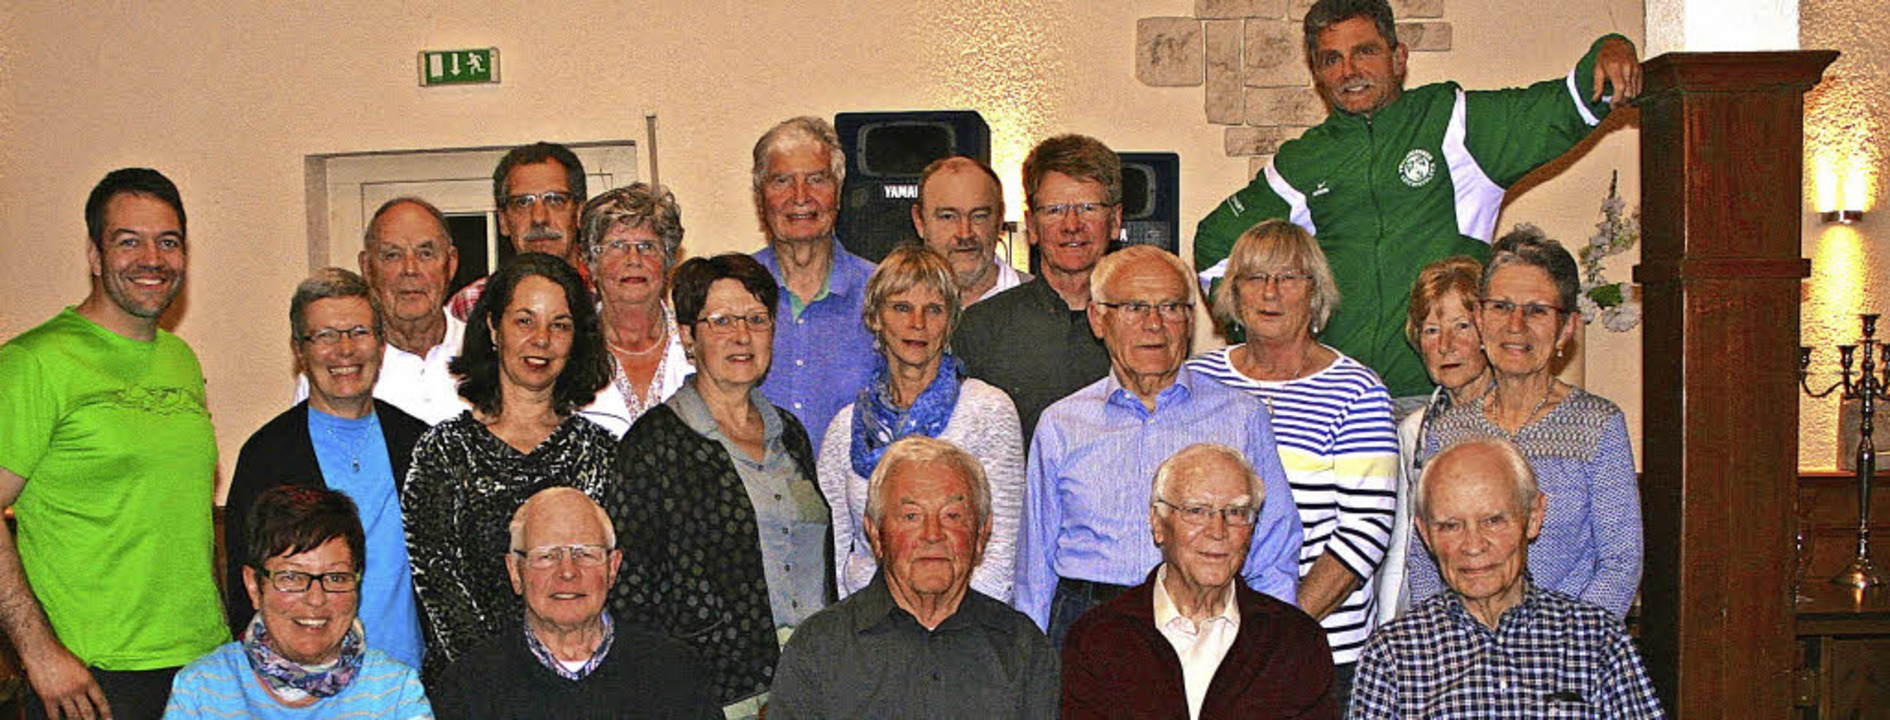 Die Geehrten freuen sich über die Anerkennung des  Denzlinger Turnvereins.   | Foto: Anja Kunz